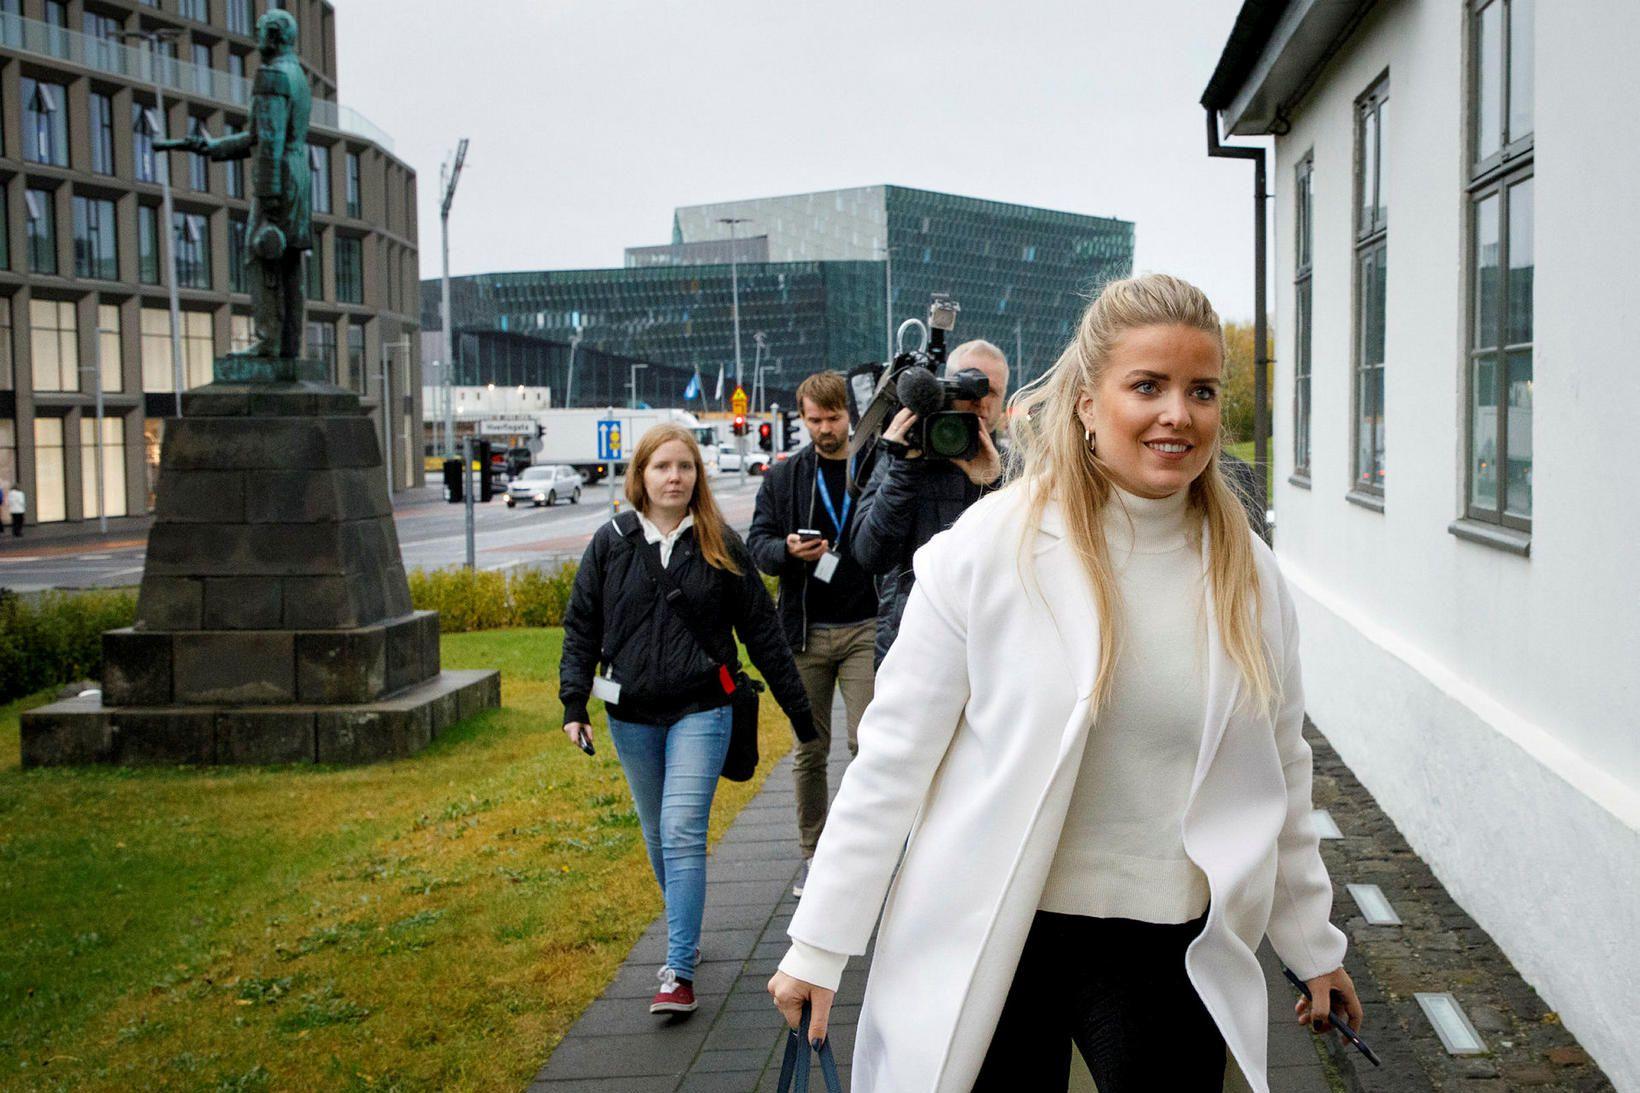 Áslaug Arna Sigurbjörnsdóttir dómsmálaráðherra hefur boðað til blaðamannafundar í Ráðherrabústaðnum …